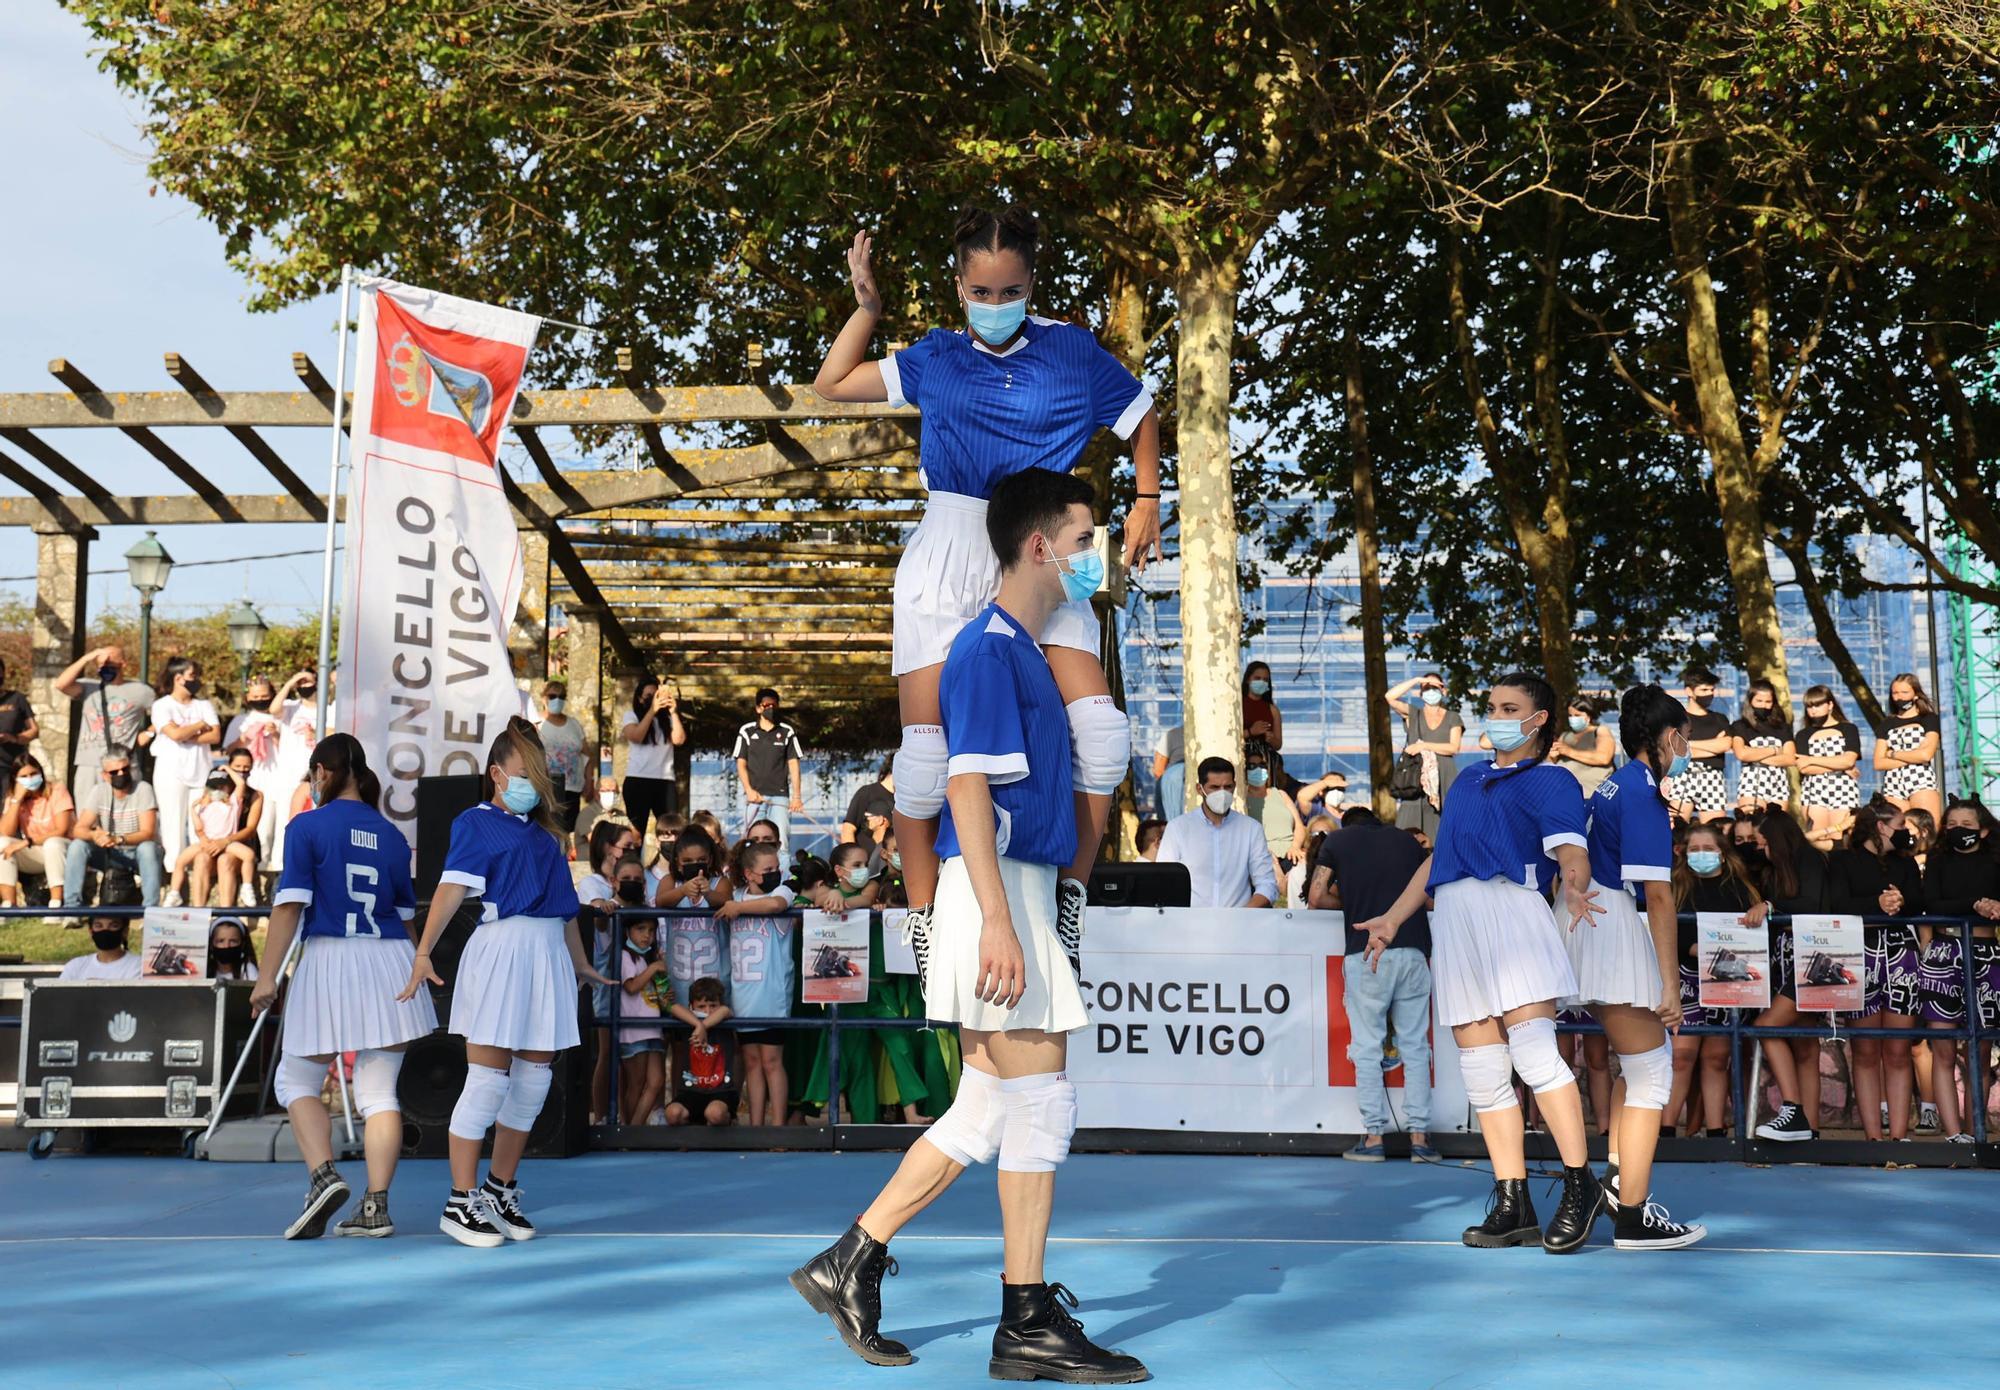 Vikul enciende las ganas de marcha de Vigo